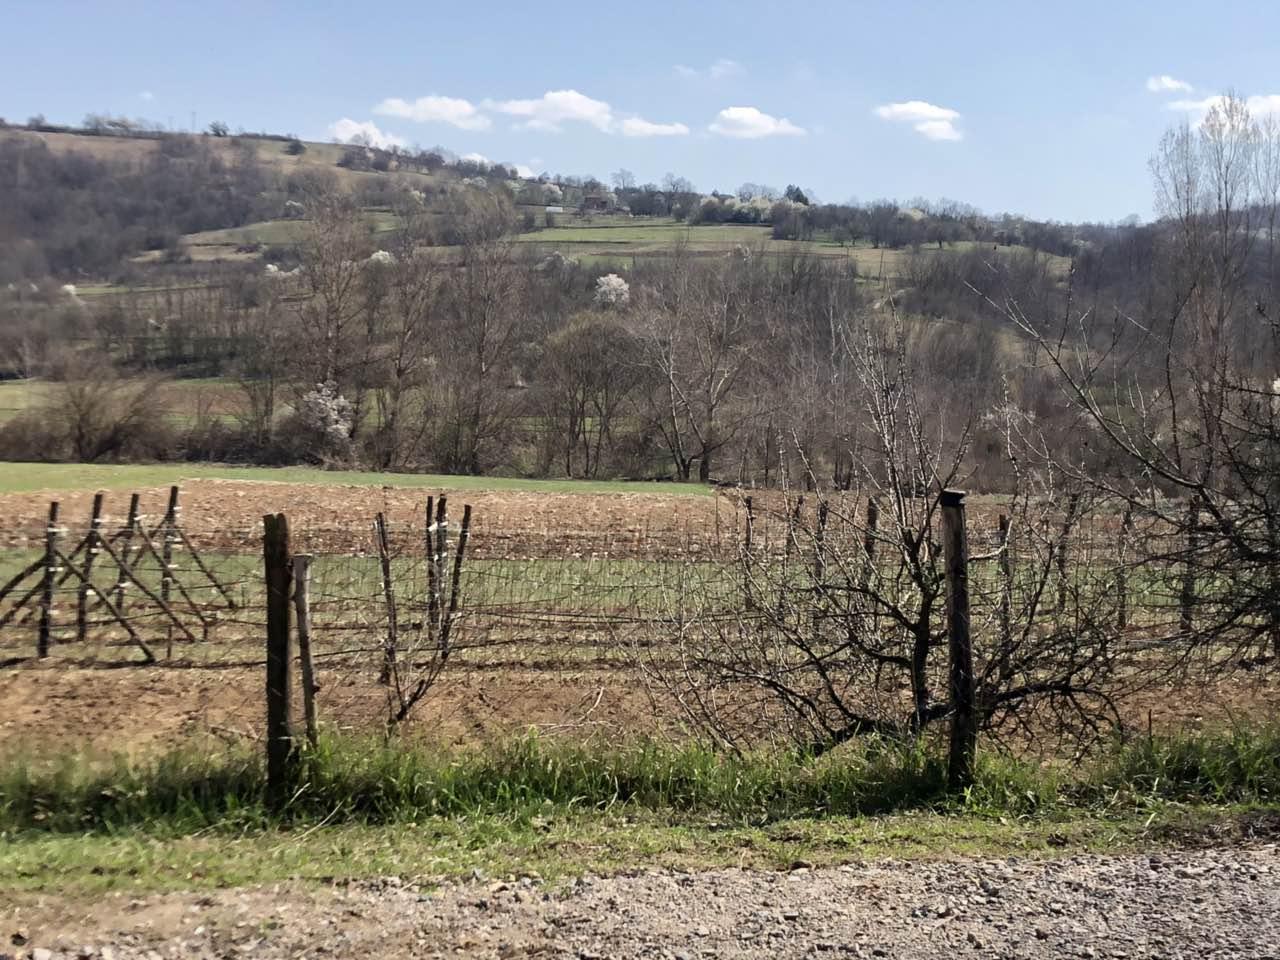 Pospešivanje poljoprivredne proizvodnje u Knjaževcu